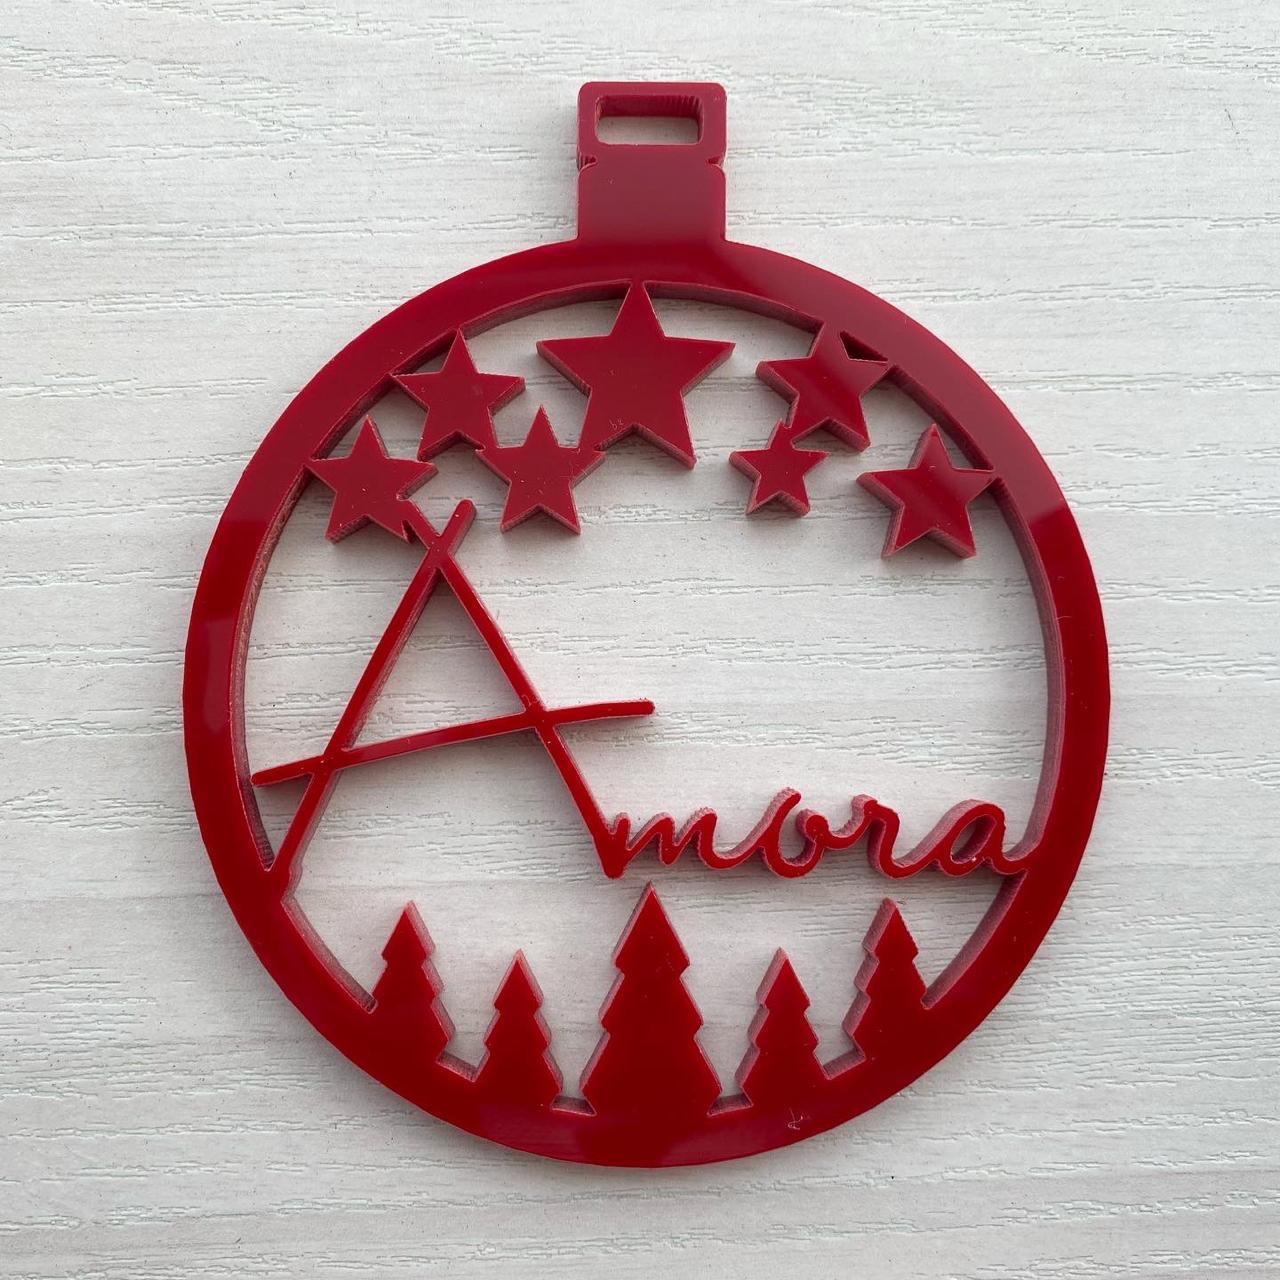 Bola de Natal Personalizada em Acrílico Vermelho 9cm